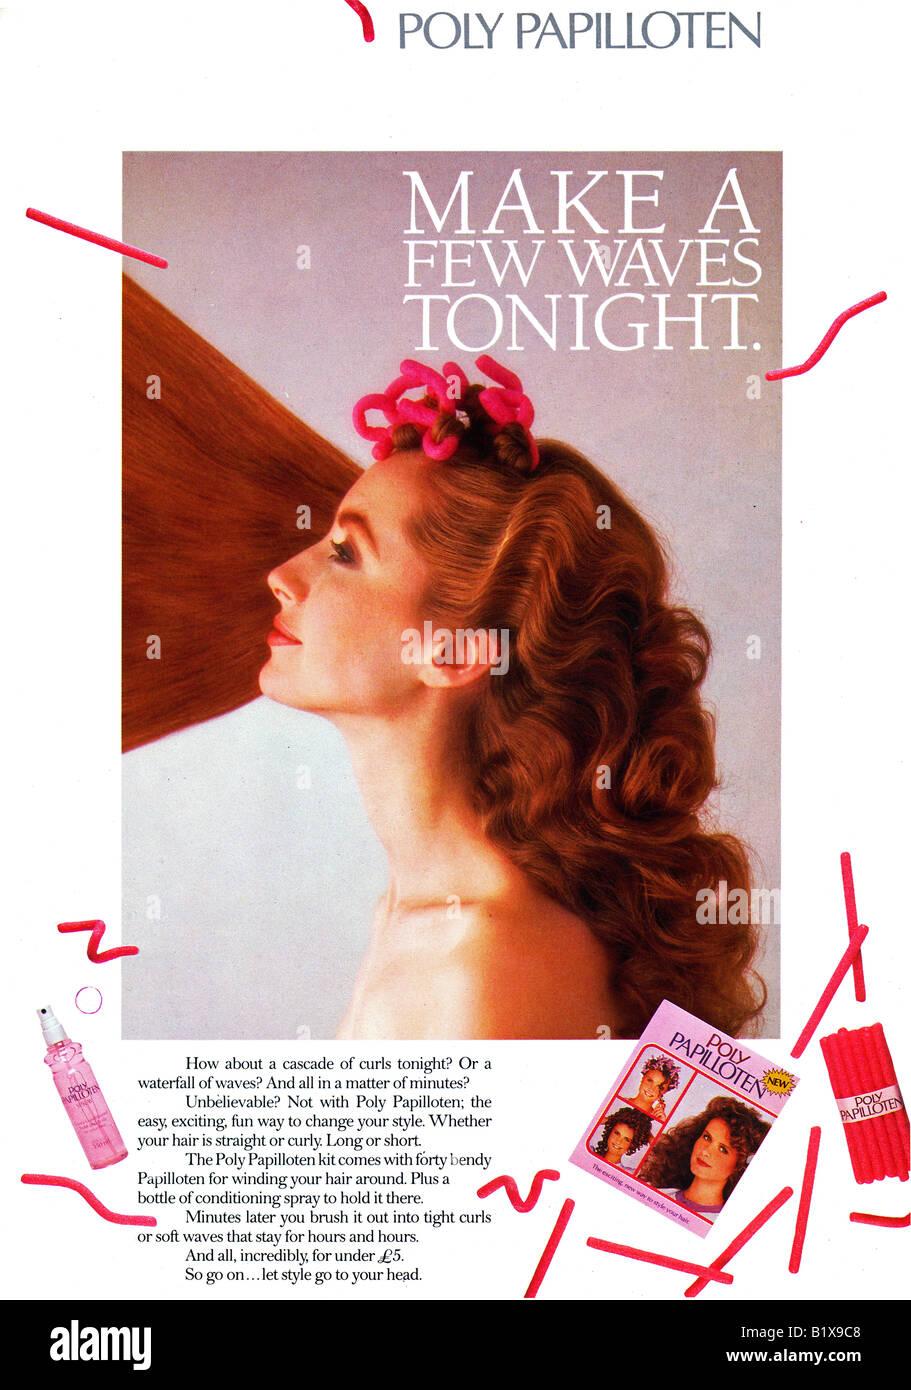 1980 publicité pour les produits de coiffage cheveux curling pour Papilloten ou forme de Polly pour un usage Photo Stock